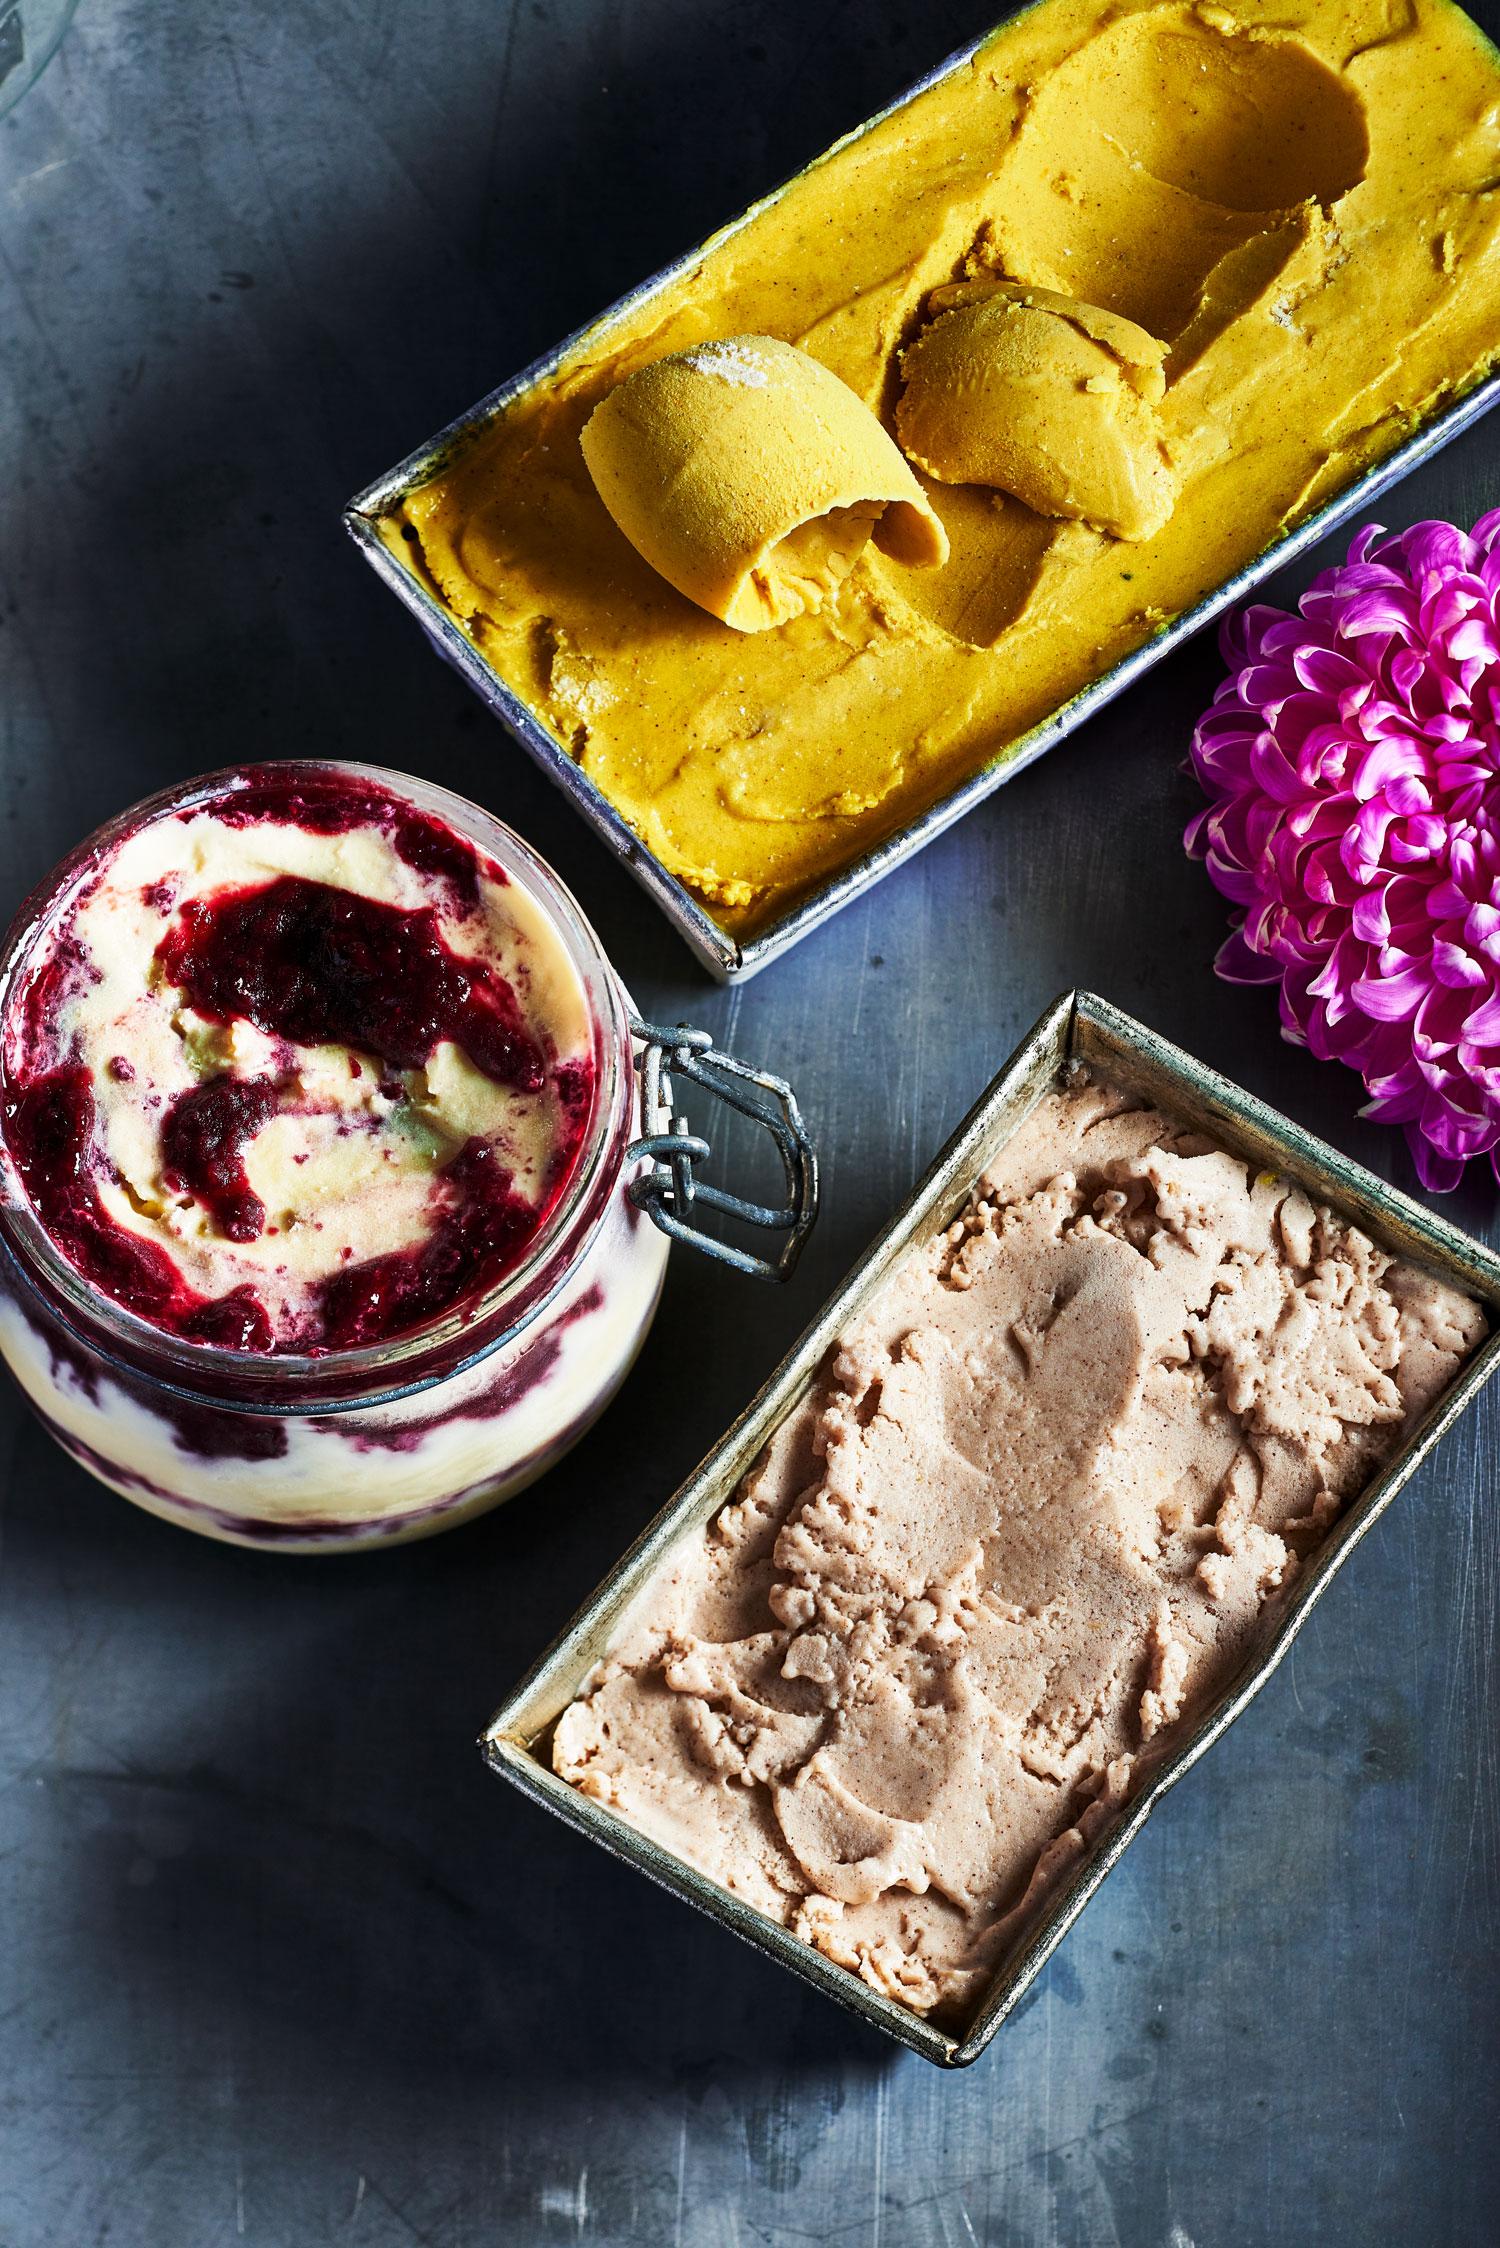 containers of vegan ice cream